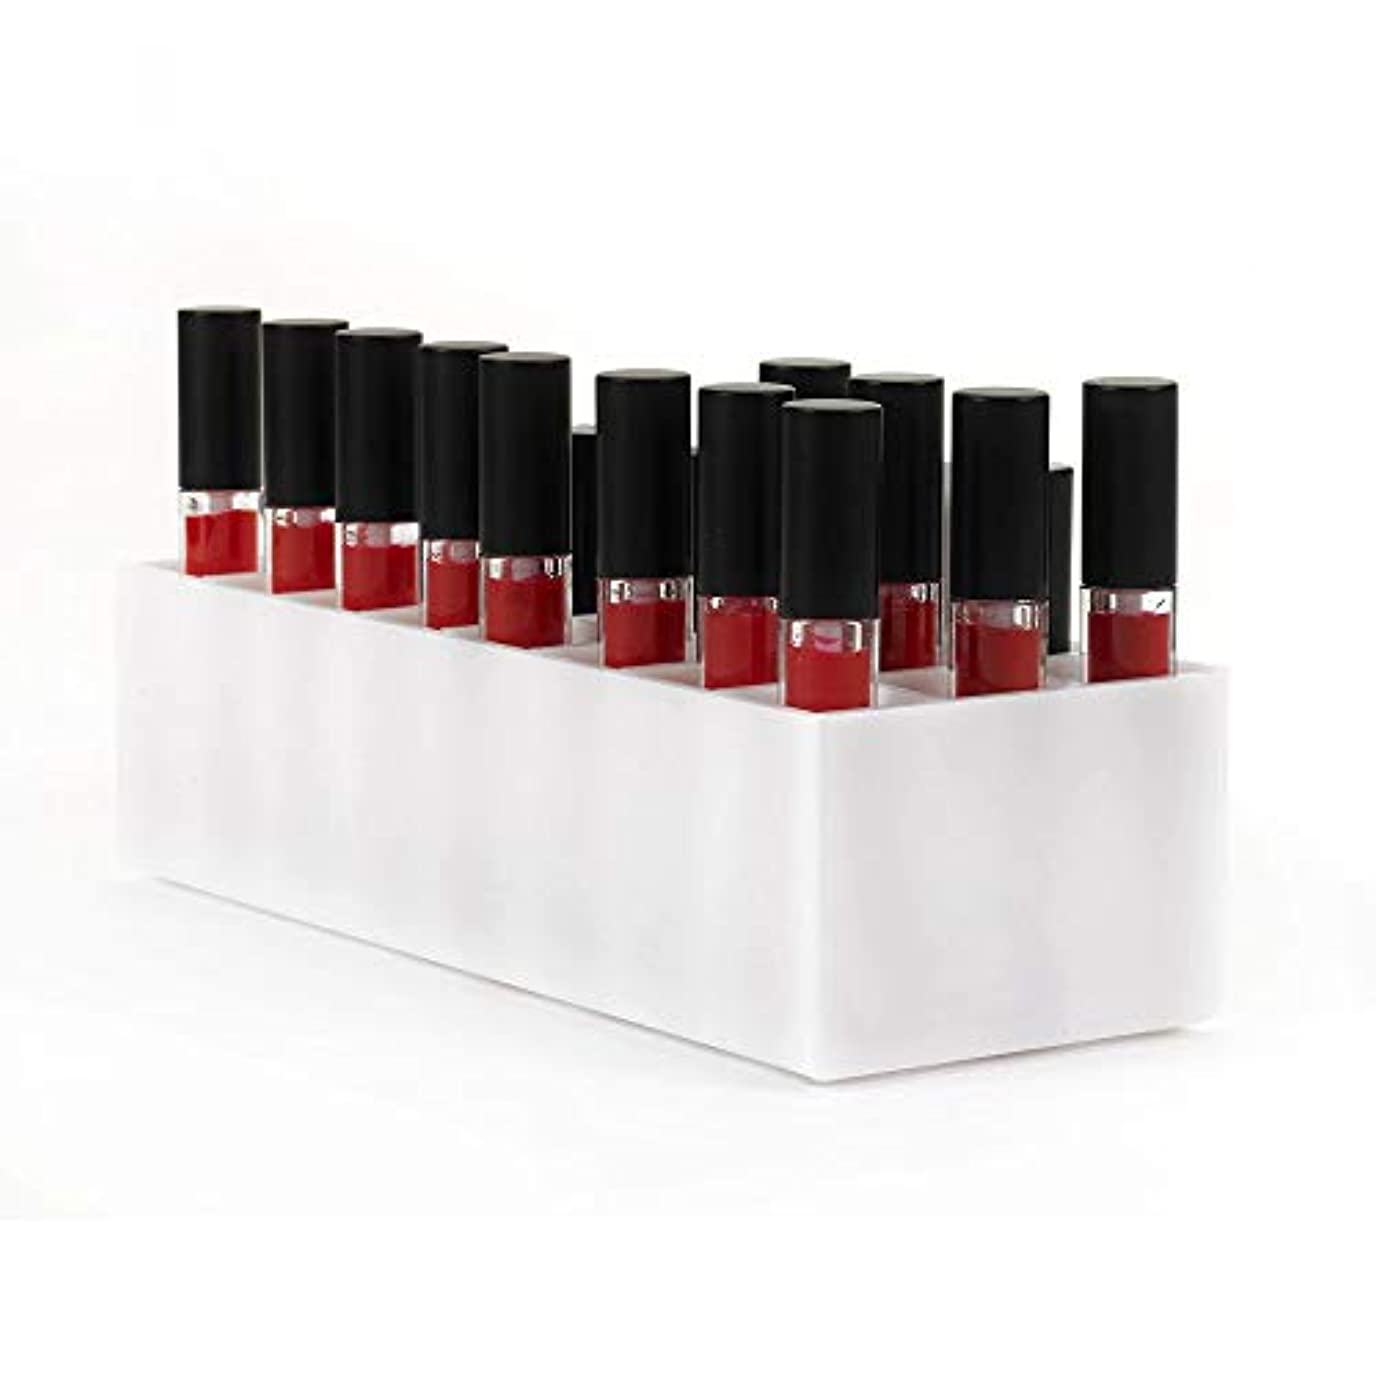 おいしい検査グリーンバックアクリルリップケース口紅ホルダー リップスティック収納 コスメ収納スタンド 化粧品コレクション 口紅収納ケース リップスティックスタンド リップスティック ホルダー (24, 白)